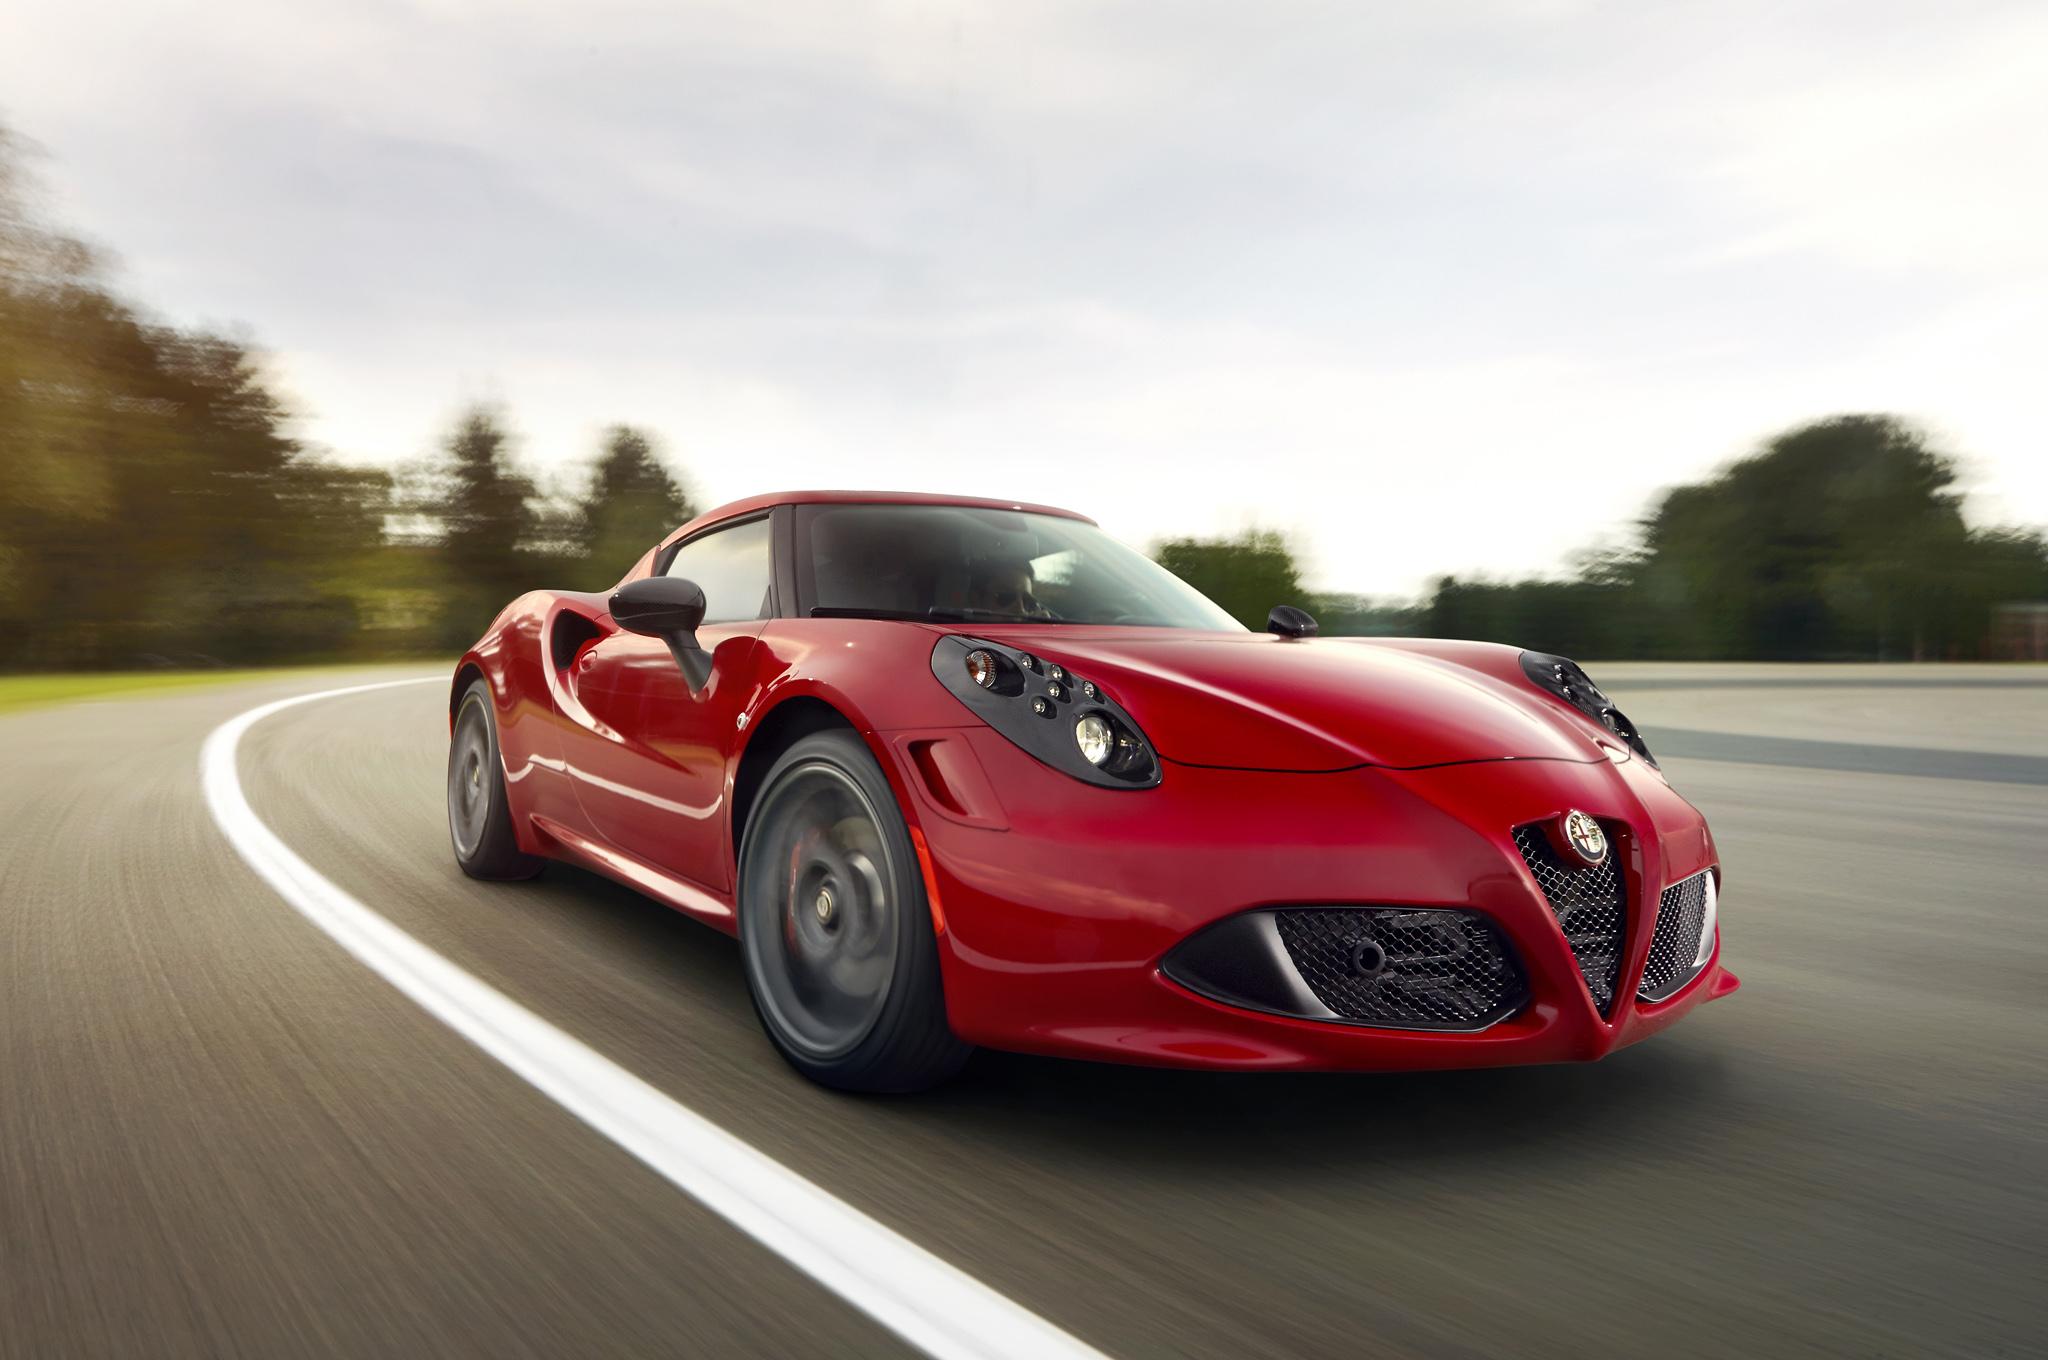 2014 Alfa Romeo 4C Front Exterior View